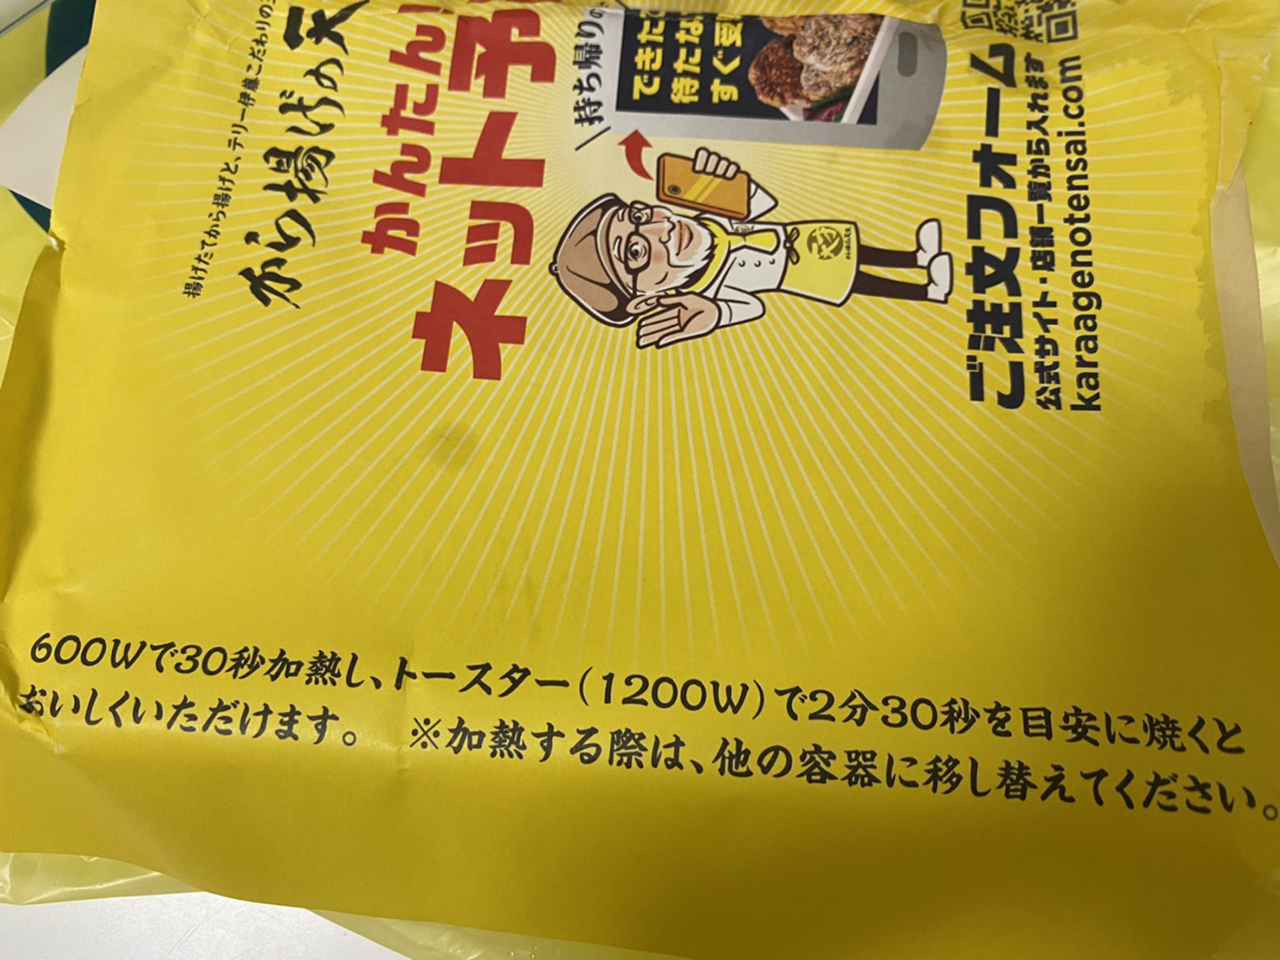 商品パッケージに書かれた美味しく食べるポイントの写真